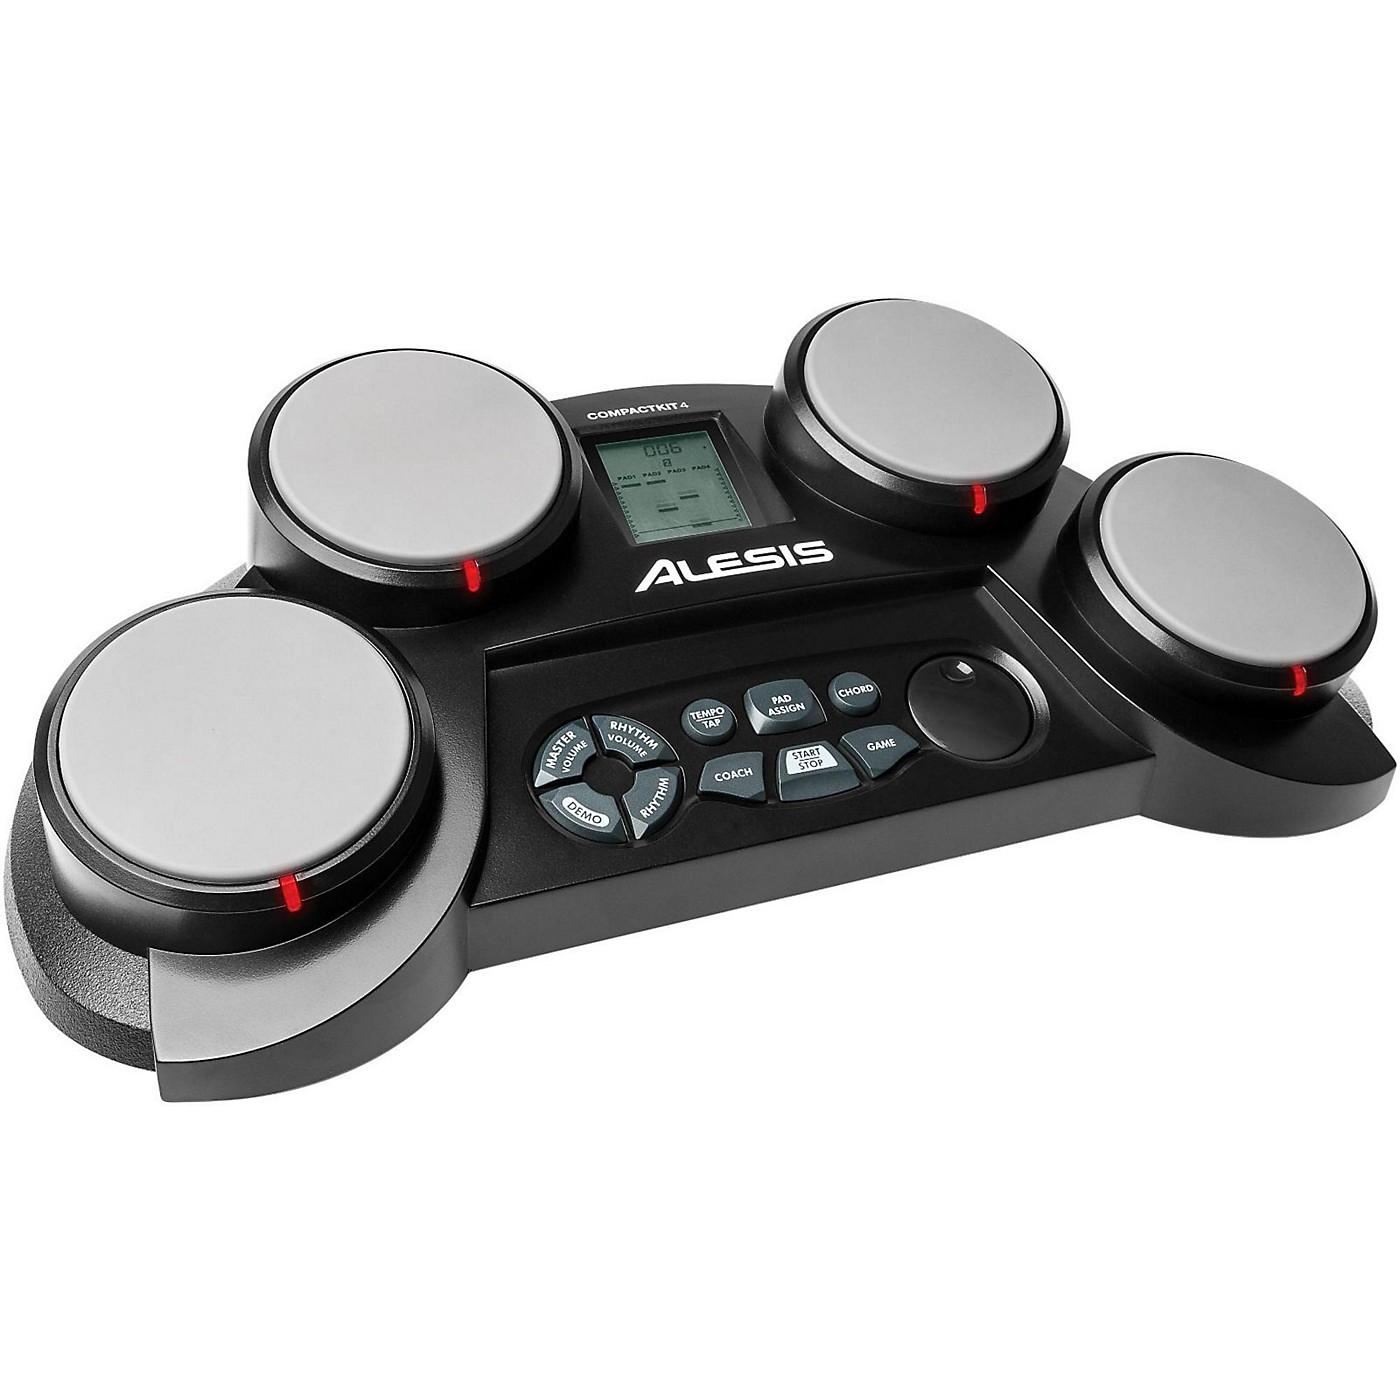 Alesis CompactKit 4 Electronic Drum Kit thumbnail